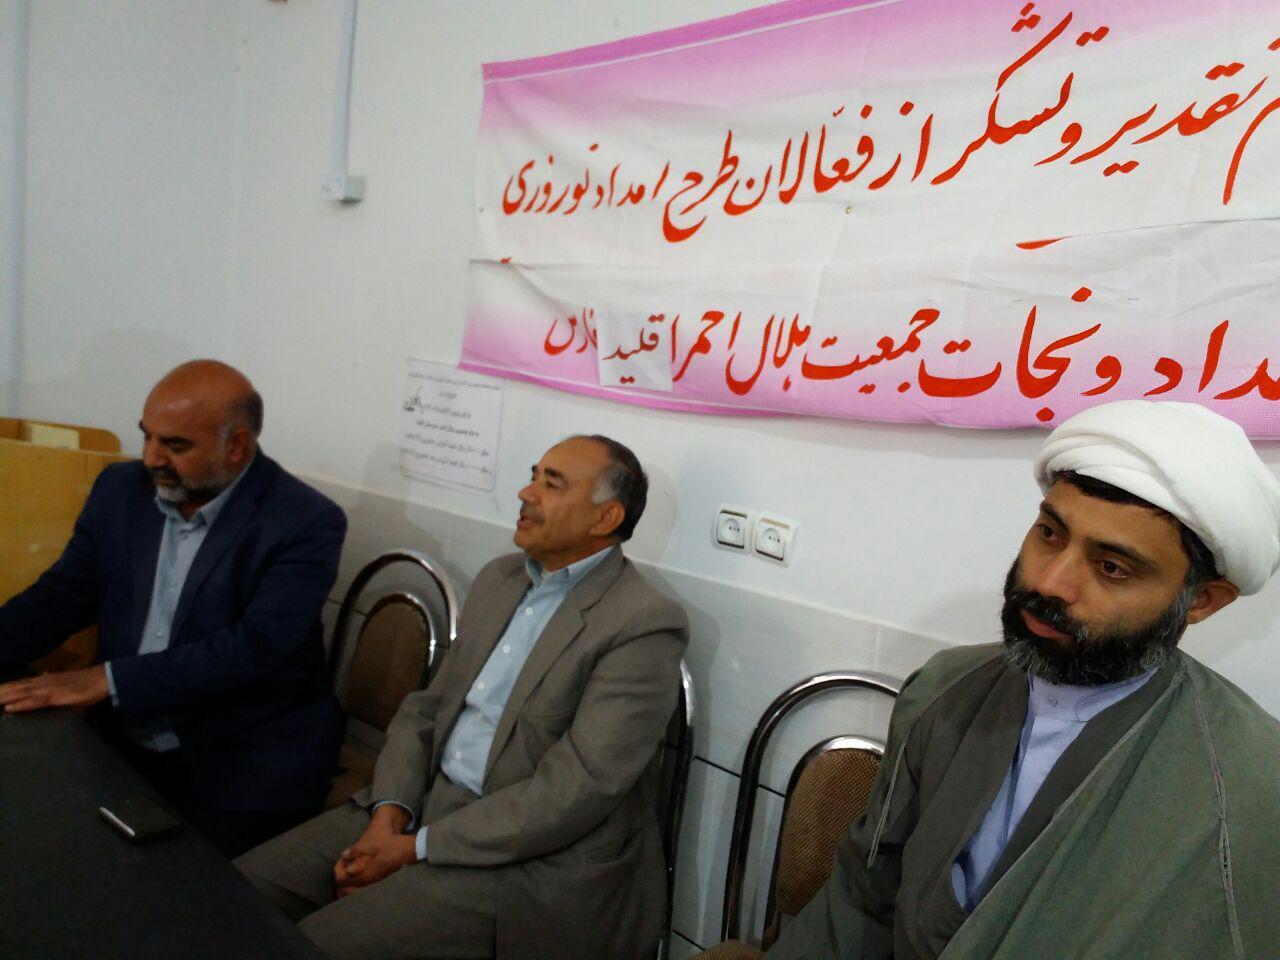 مراسم تجلیل از فعالان طرح نوروزی امداد و نجات جمعیت هلال احمر شهرستان اقلید